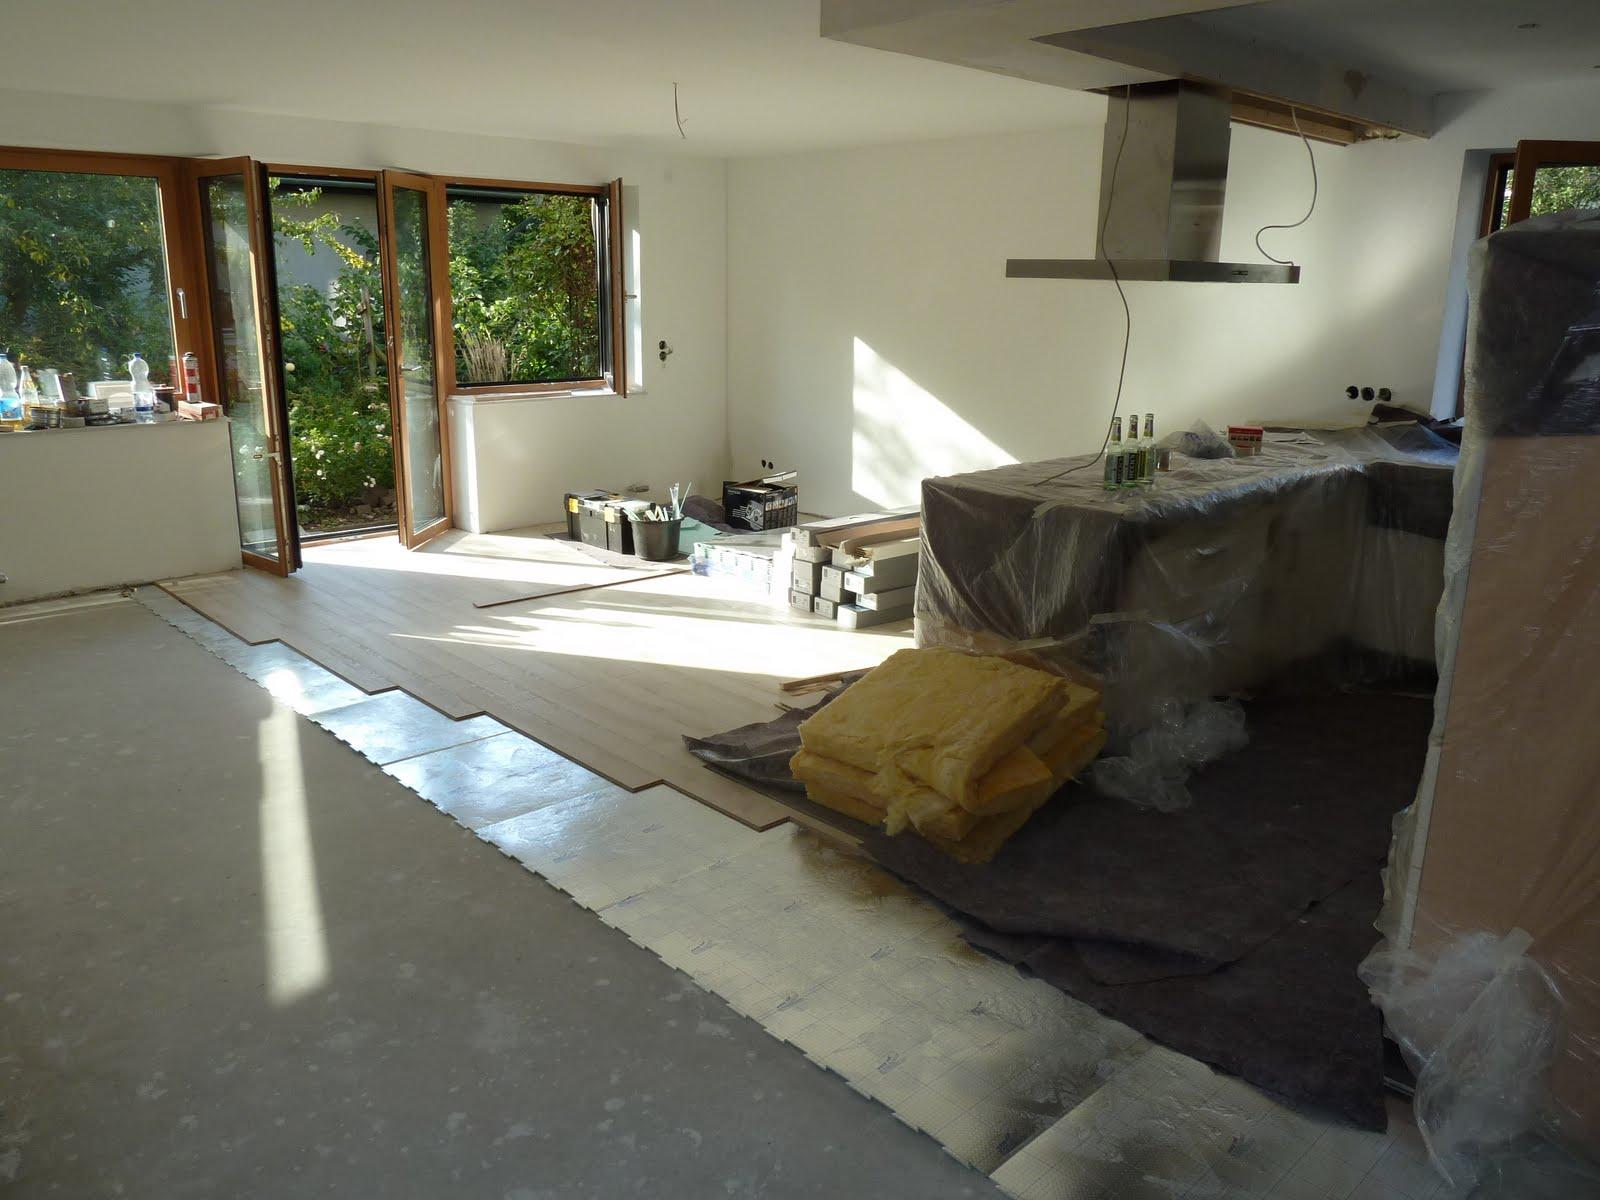 nina und heiko bauen um das licht am ende des ersten tunnels. Black Bedroom Furniture Sets. Home Design Ideas